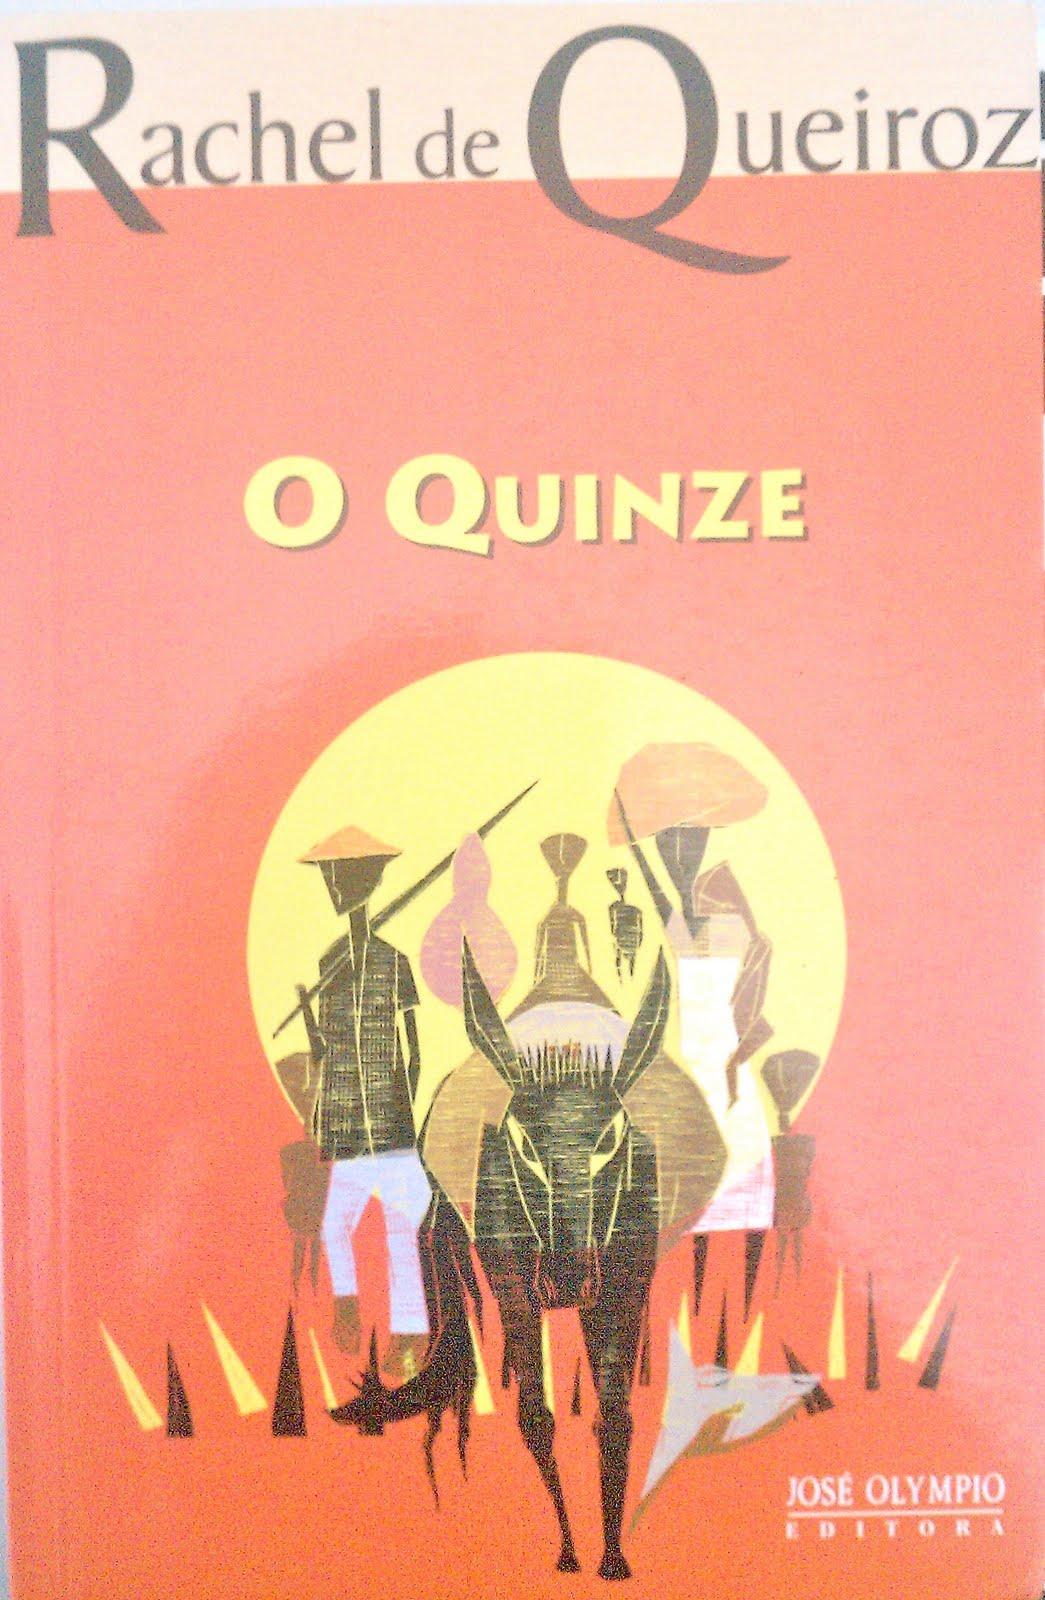 A ship made of books: O Quinze (Rachel de Queiroz)